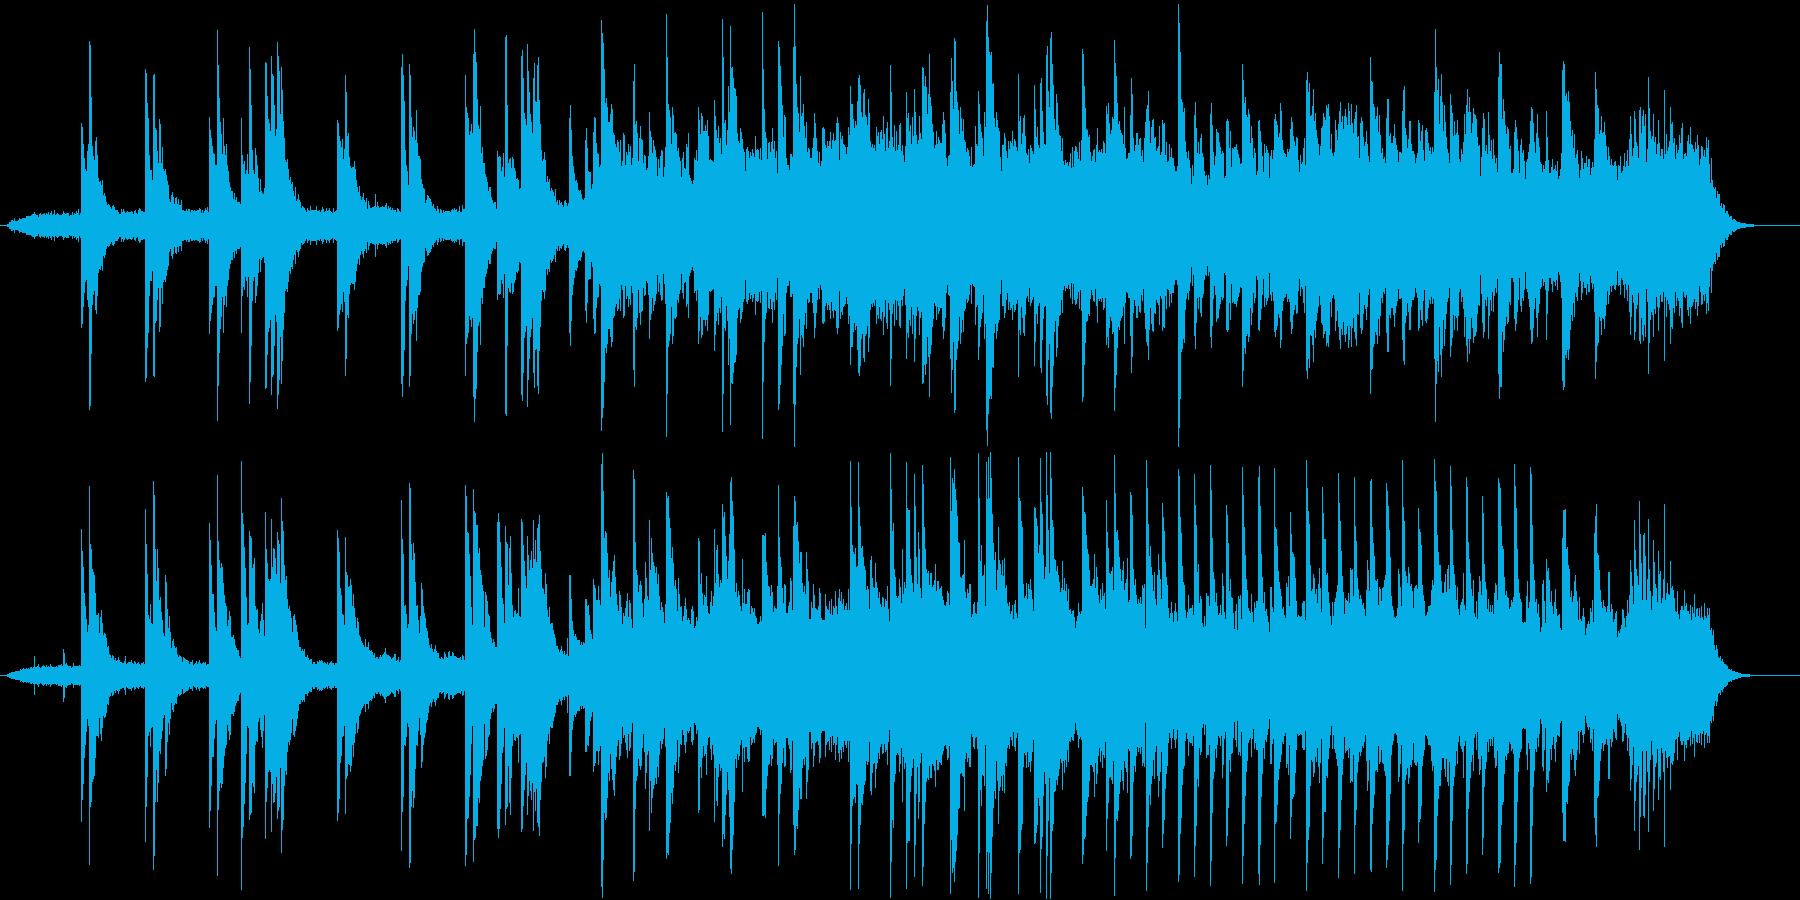 切ない 儚い ピアノメイン 遺跡 RPGの再生済みの波形